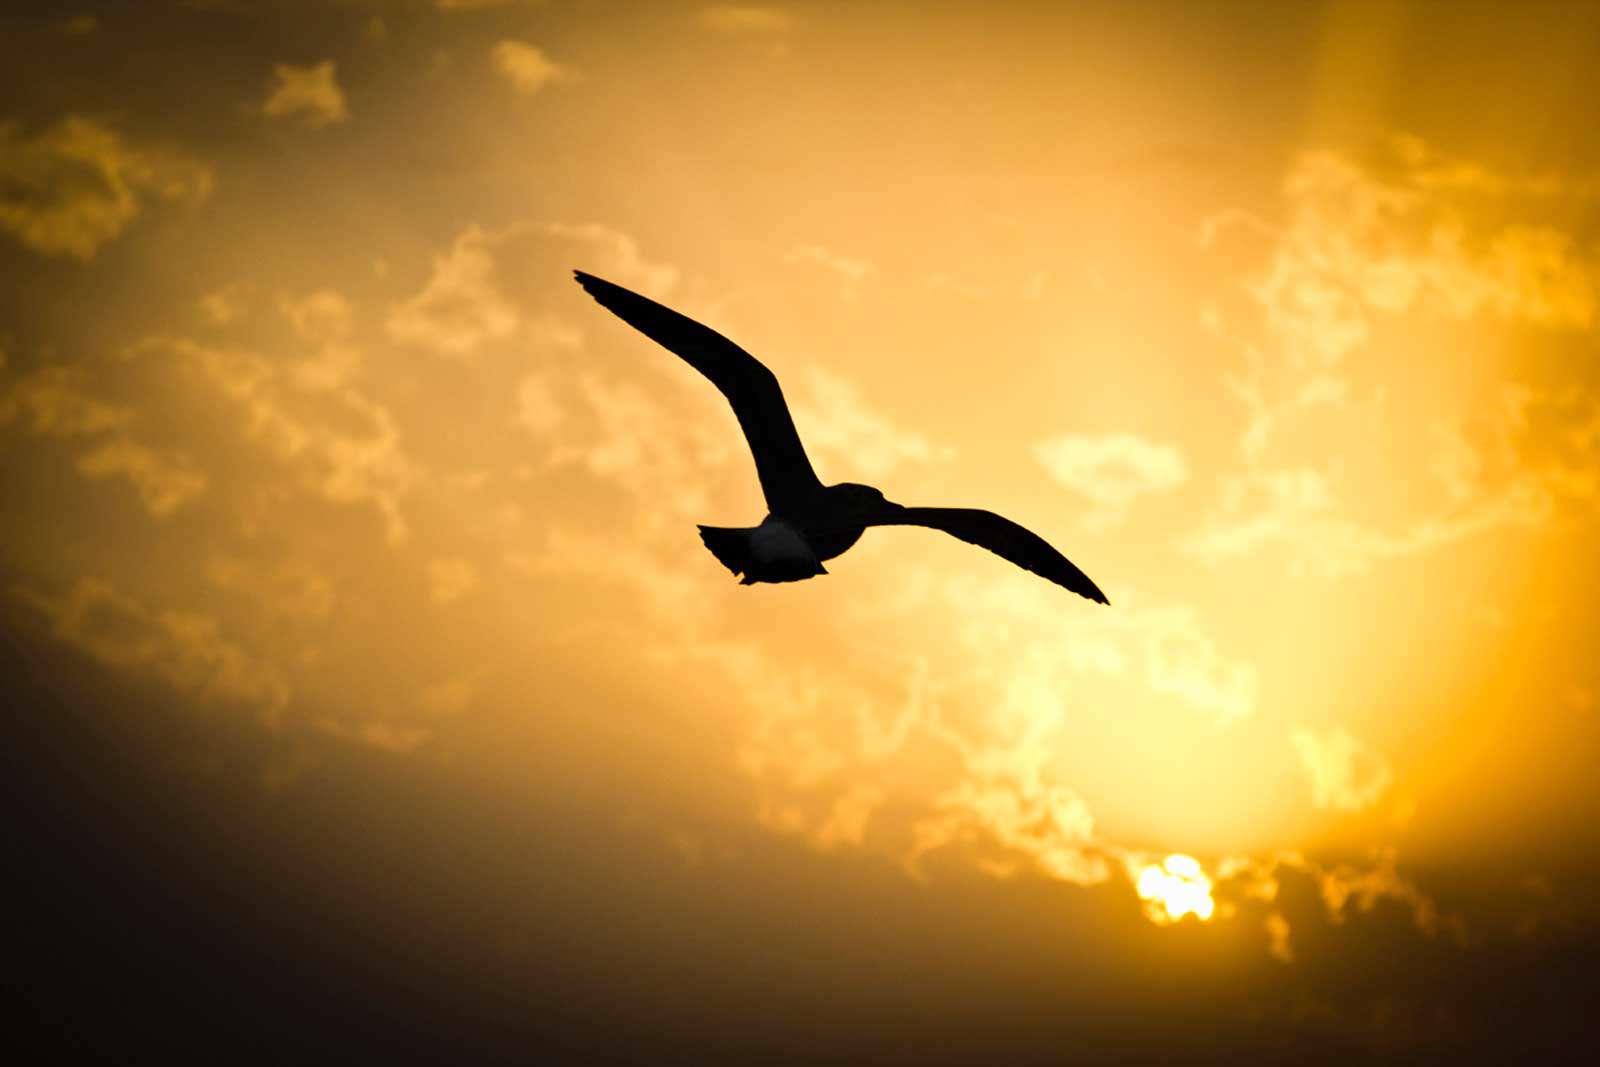 پرواز پرنده